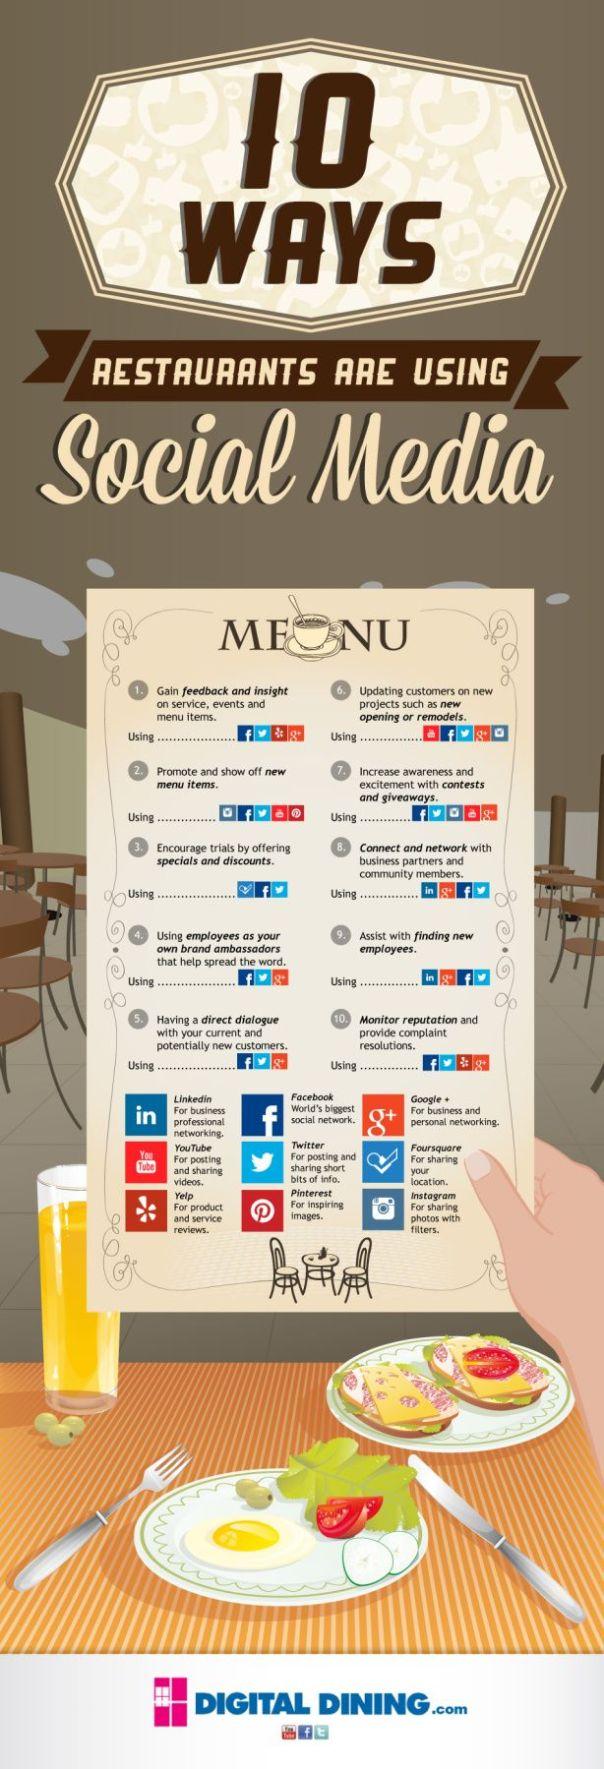 Los restaurantes y las Redes Sociales: 10 tips